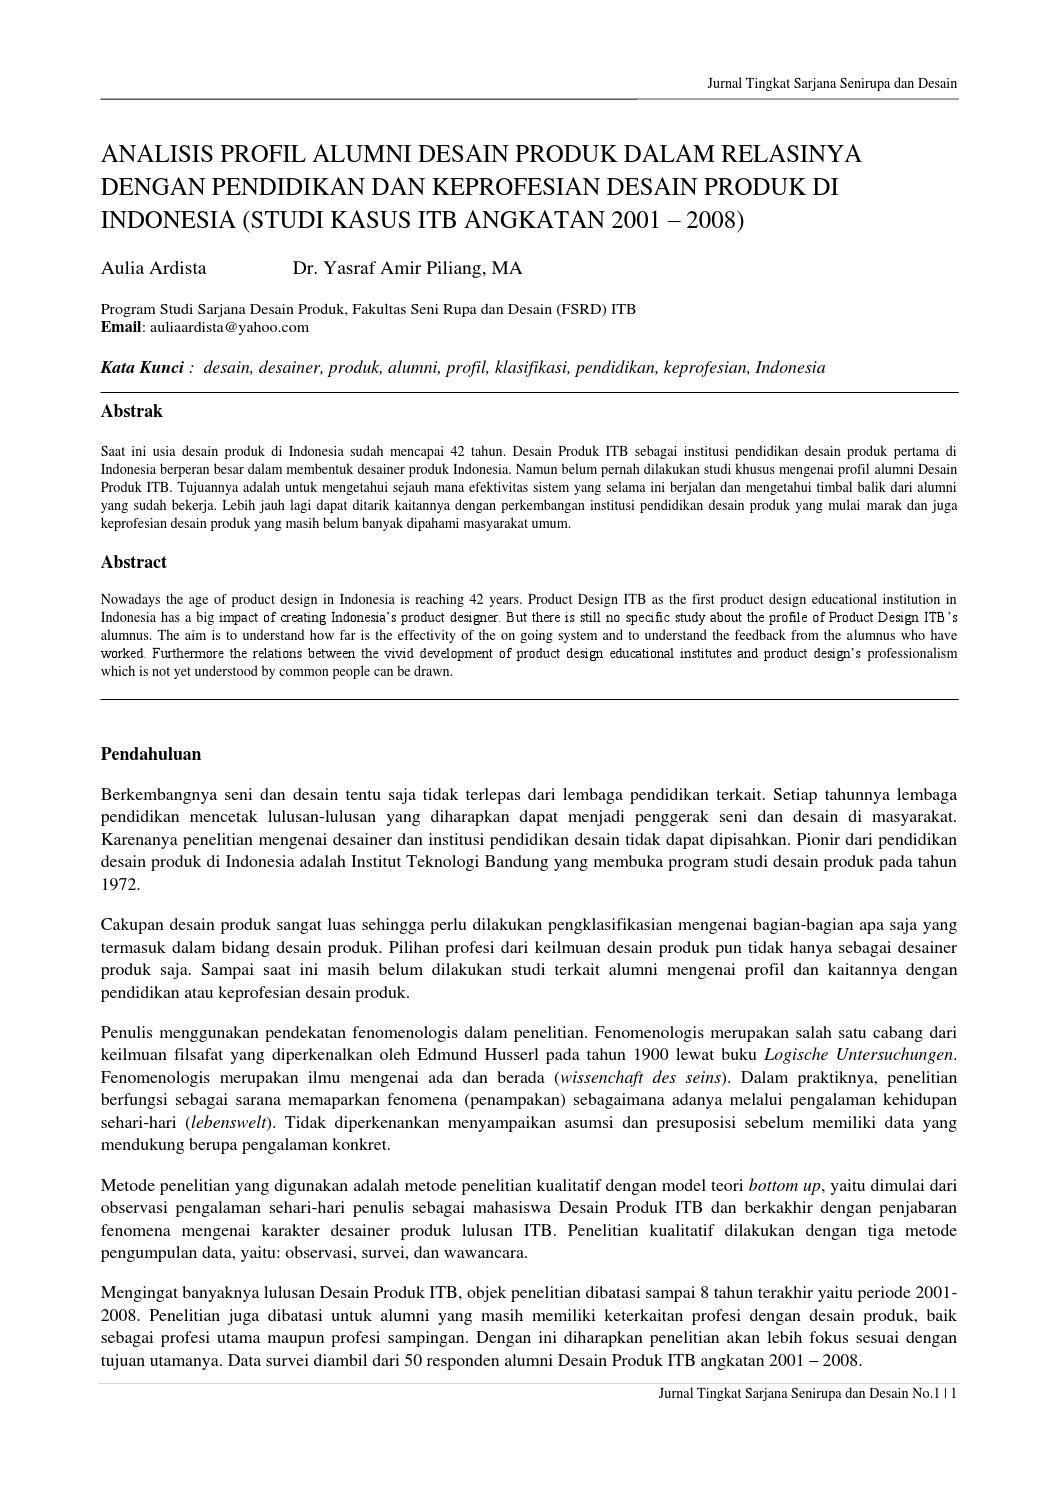 Analisis Profil Alumni Desain Produk Dalam Relasinya Dengan